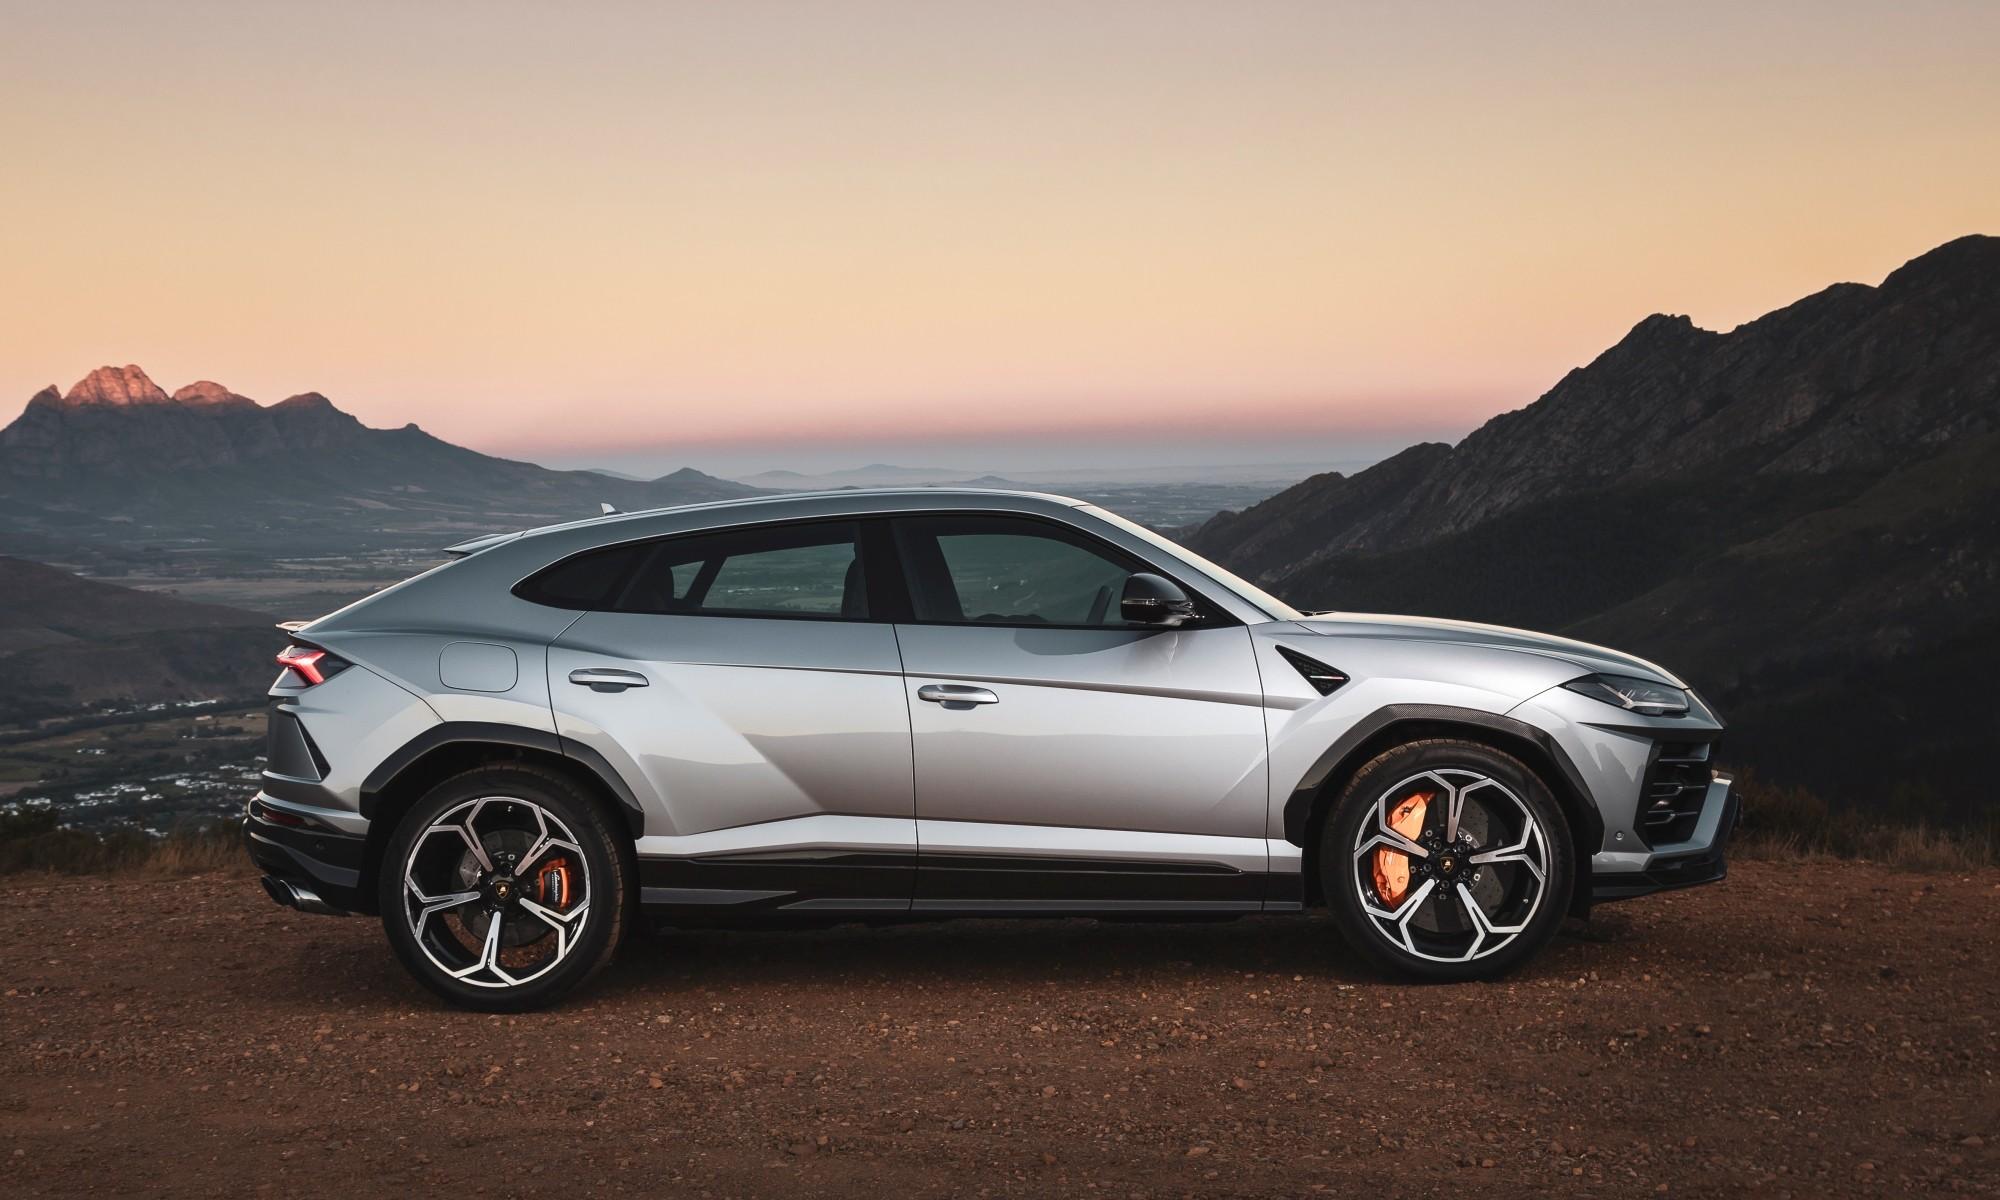 Lamborghini Urus driven profile